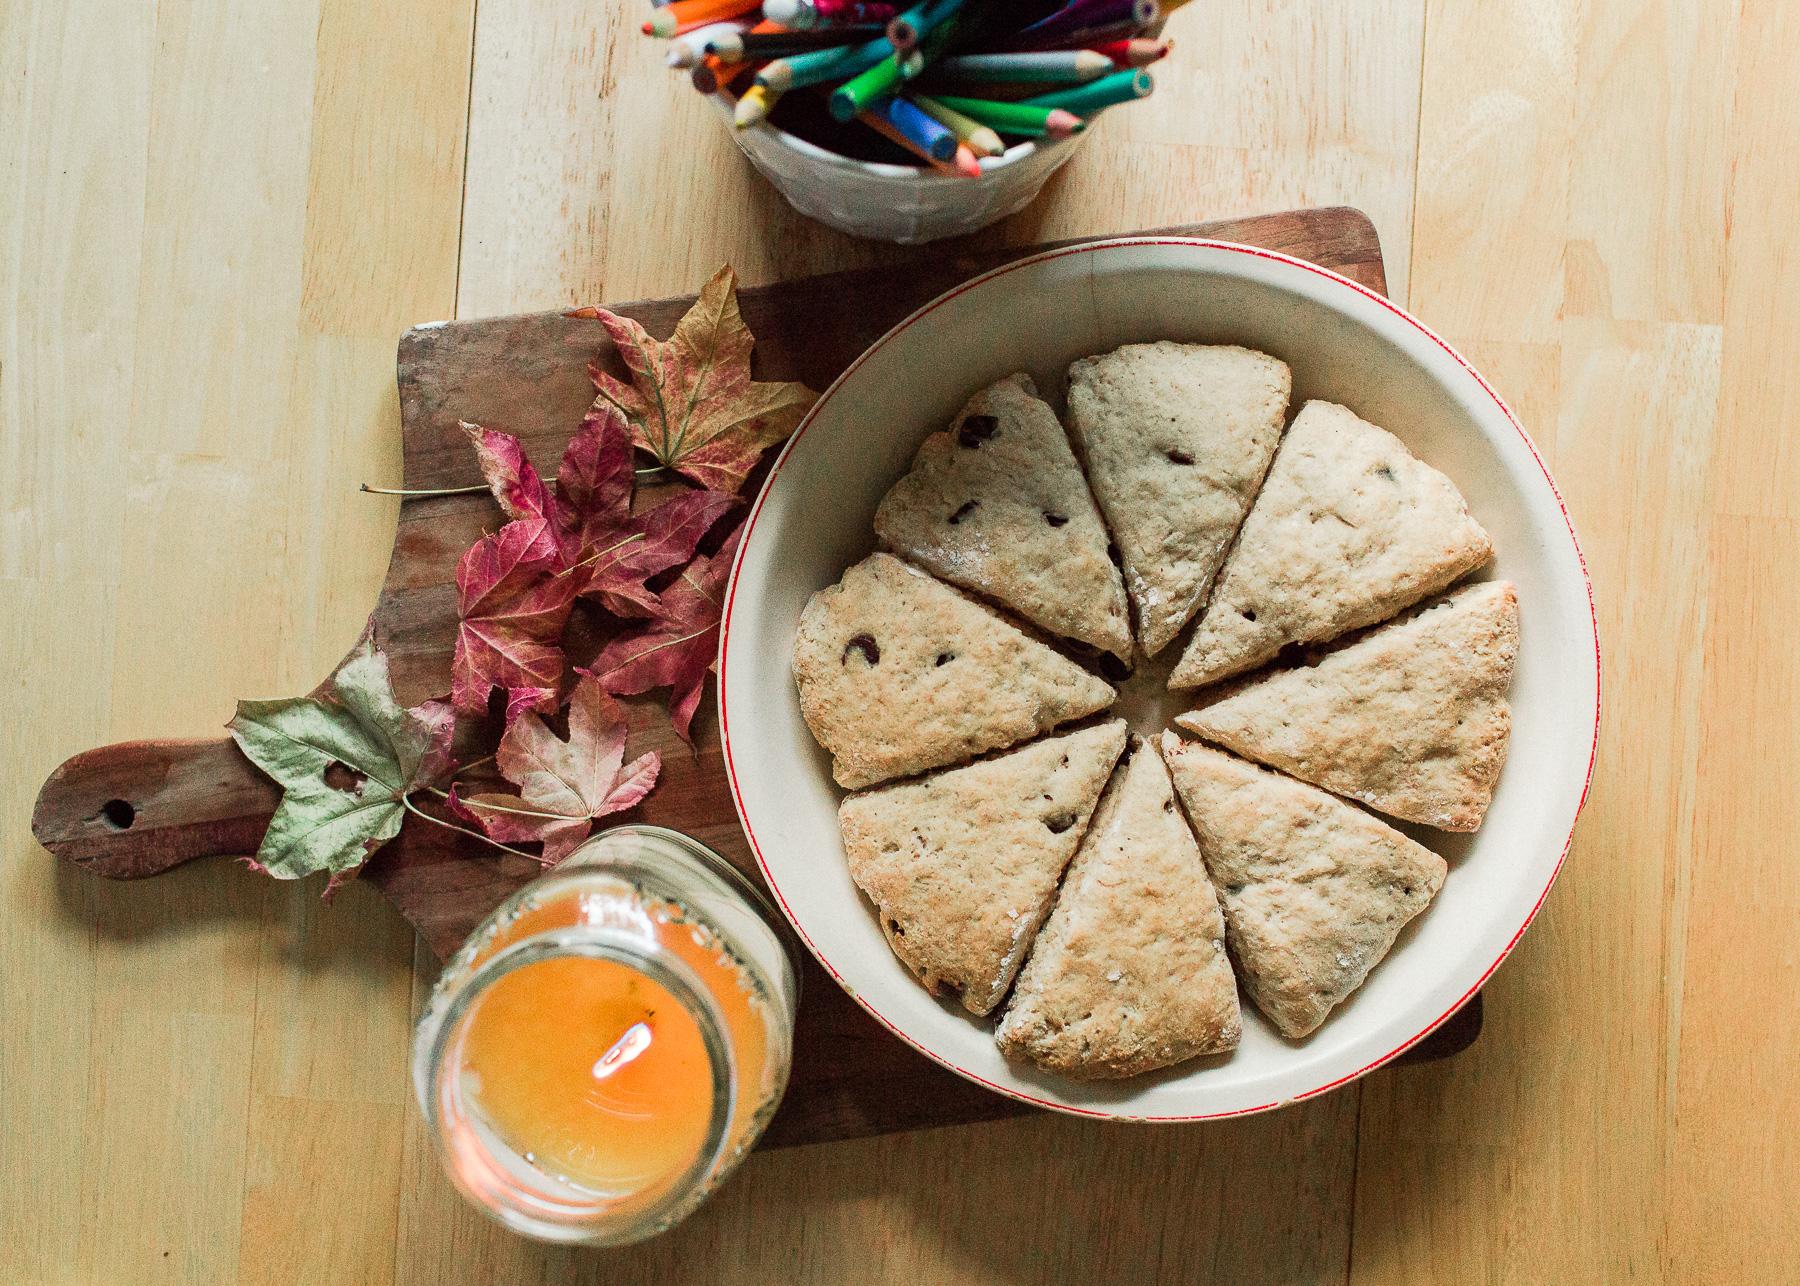 scones for breakfast